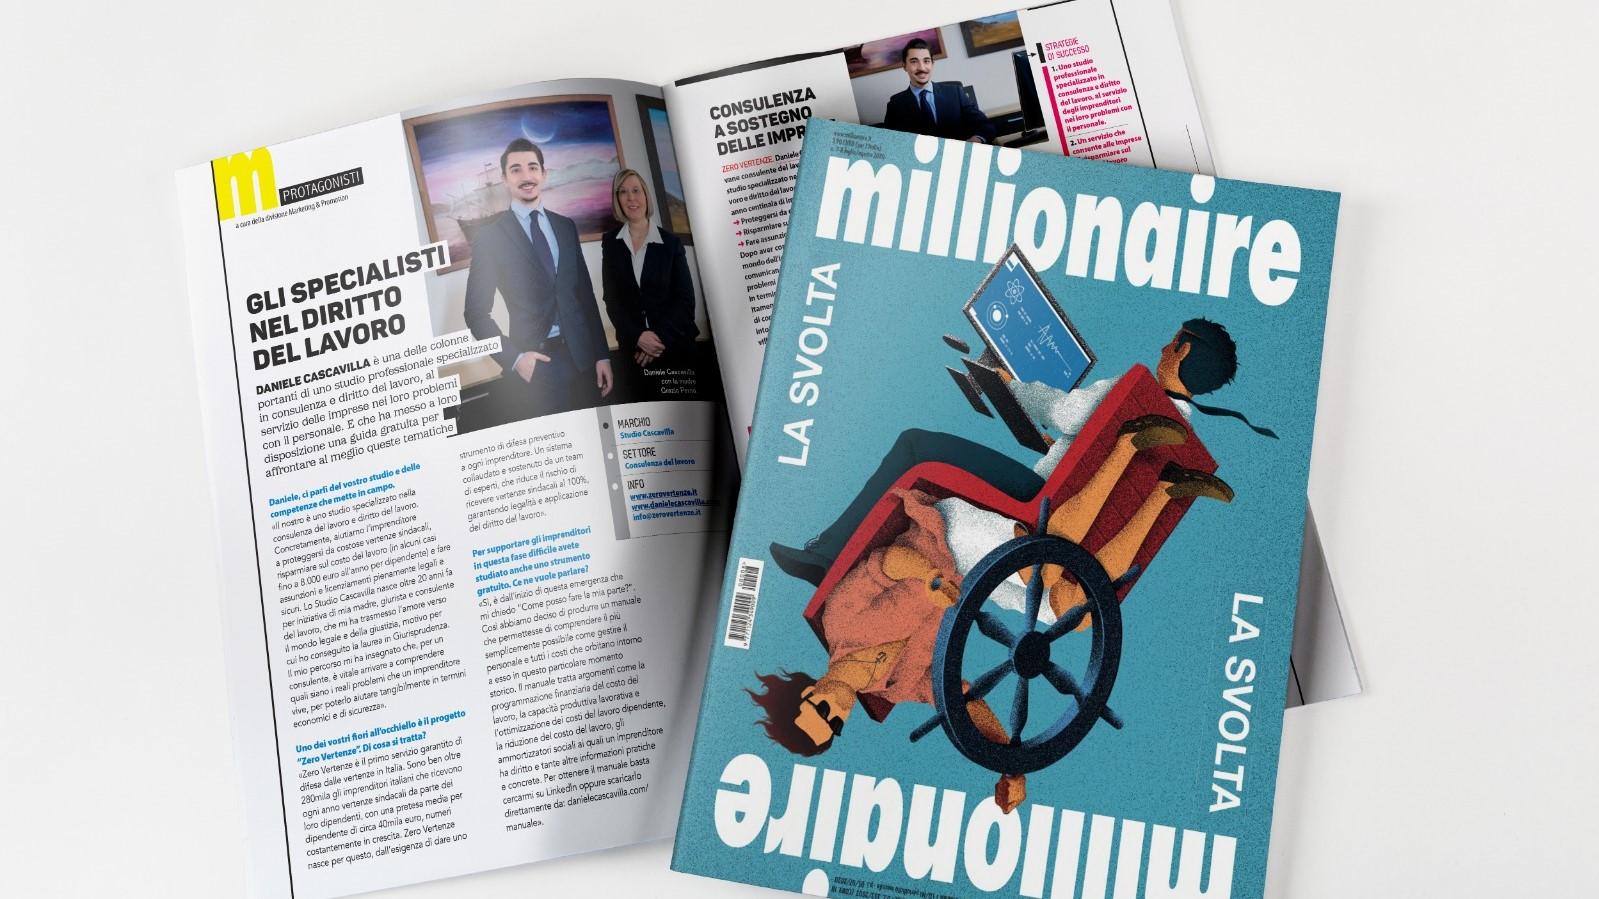 Millionaire Protagonisti Daniele Cascavilla Consulente del lavoro